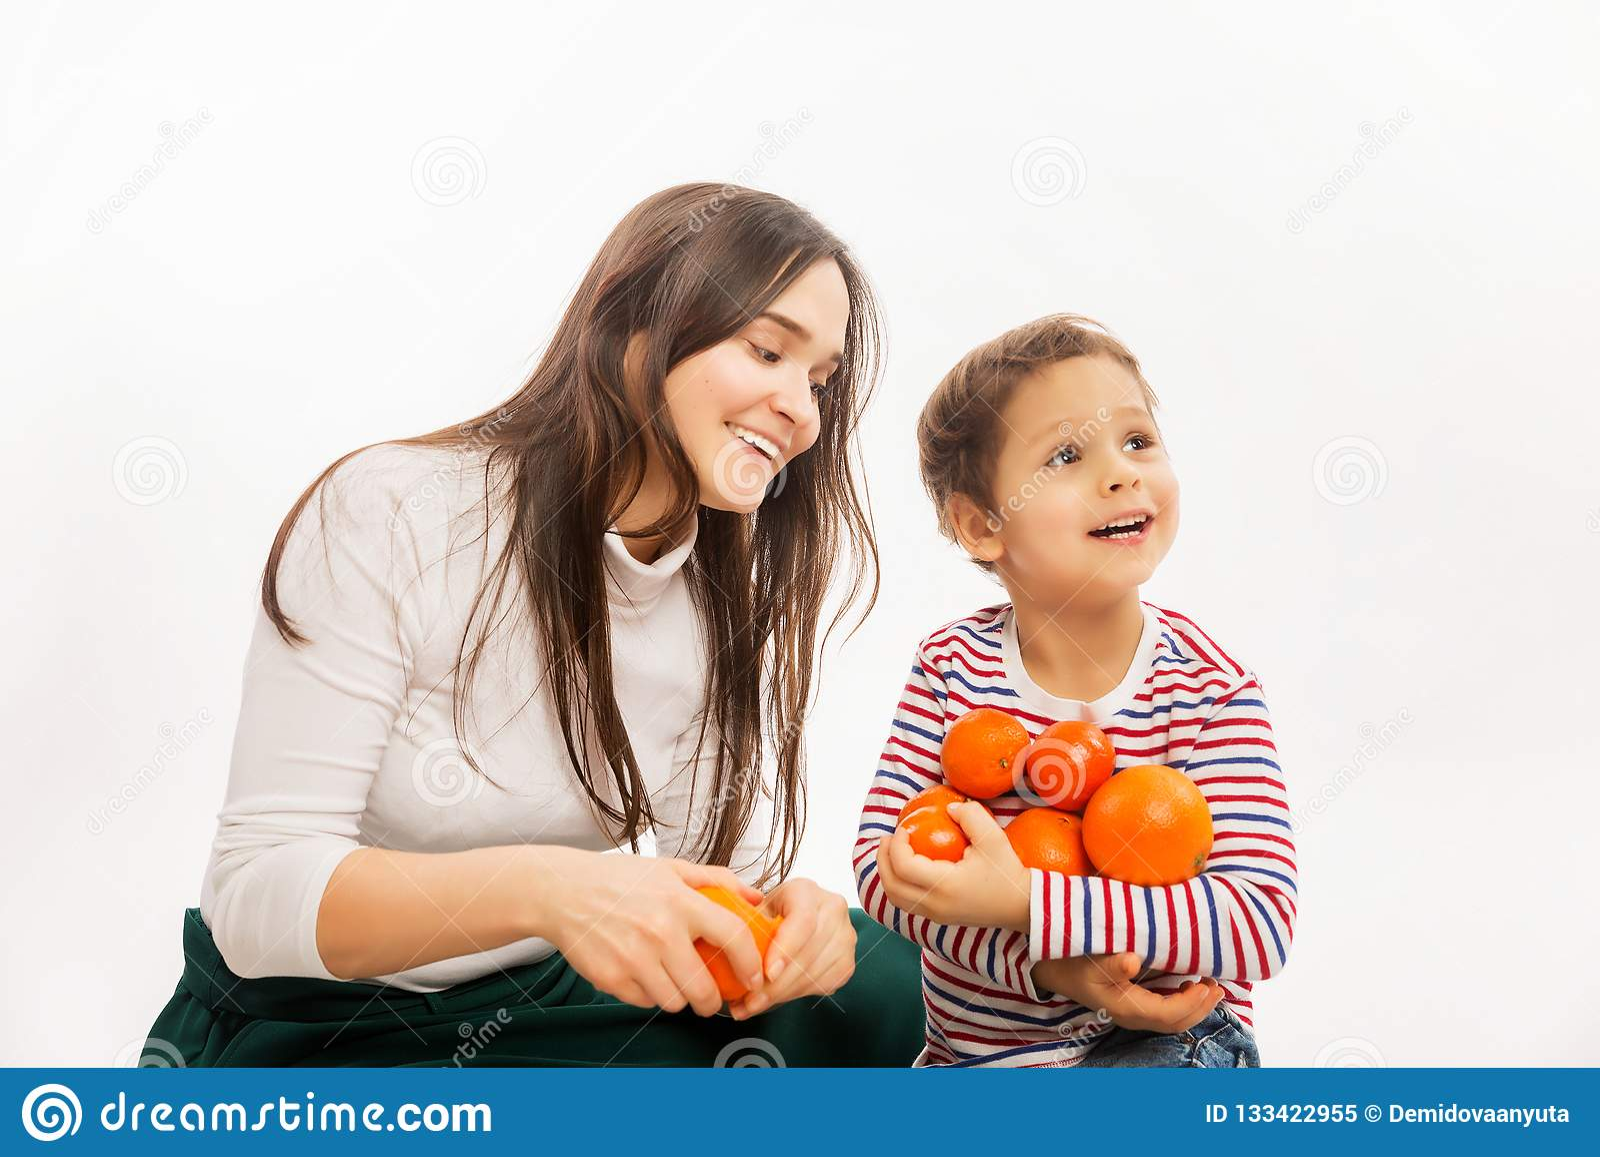 La jeune mère mange des fruits et légumes avec son jeune fils